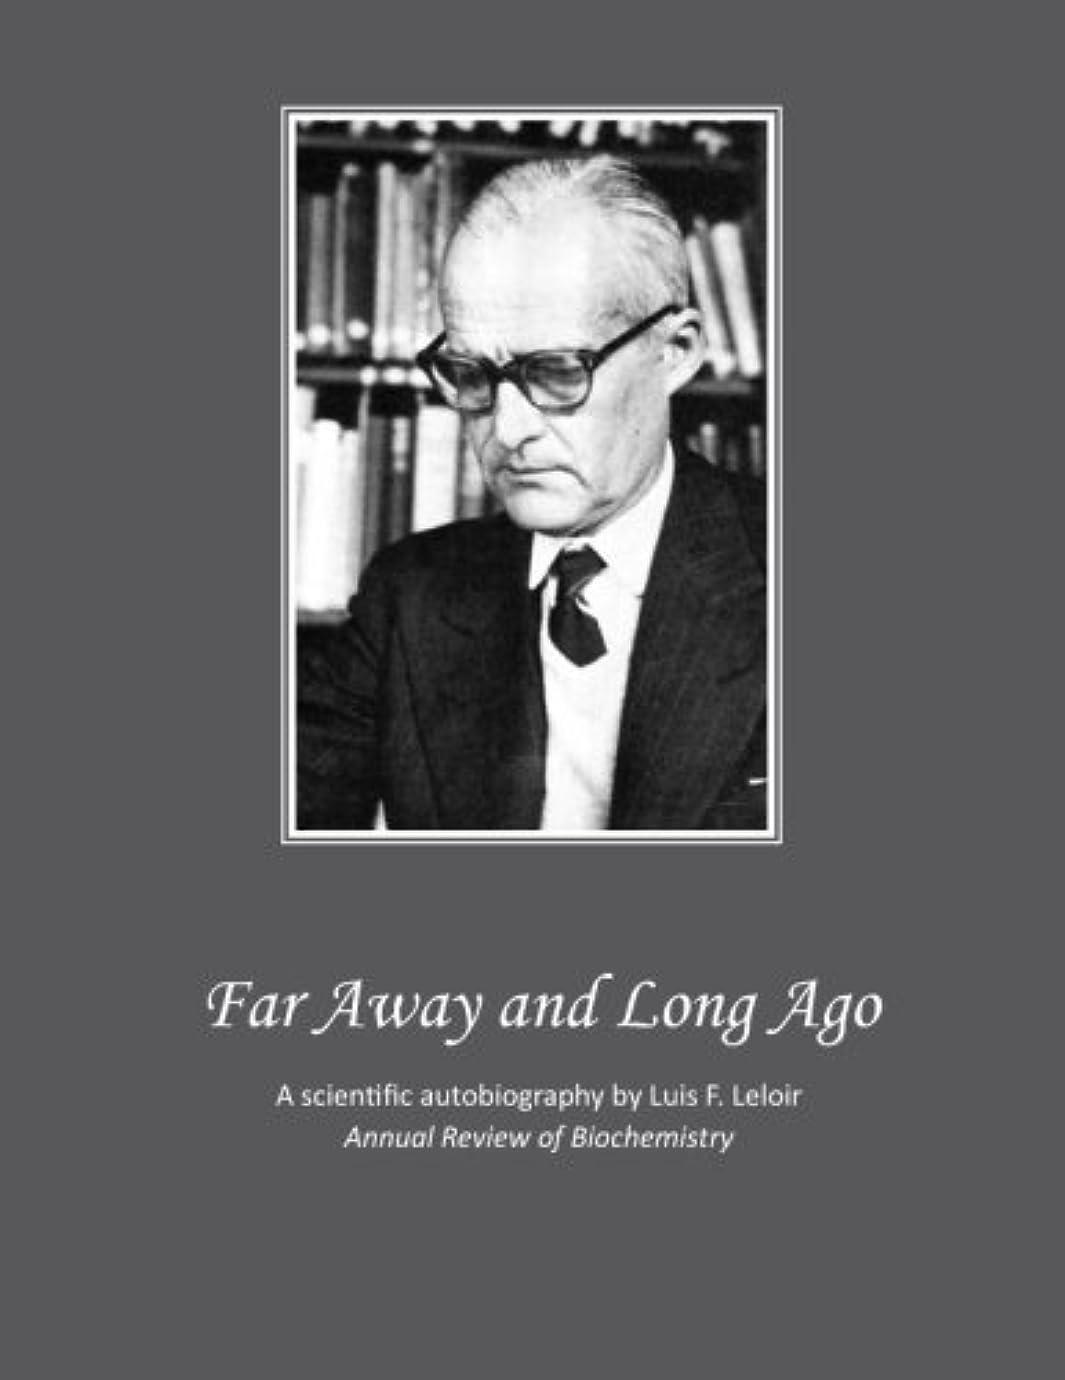 建築家自伝熟読するFar Away and Long Ago (Annual Review of Biochemistry Book 52) (English Edition)